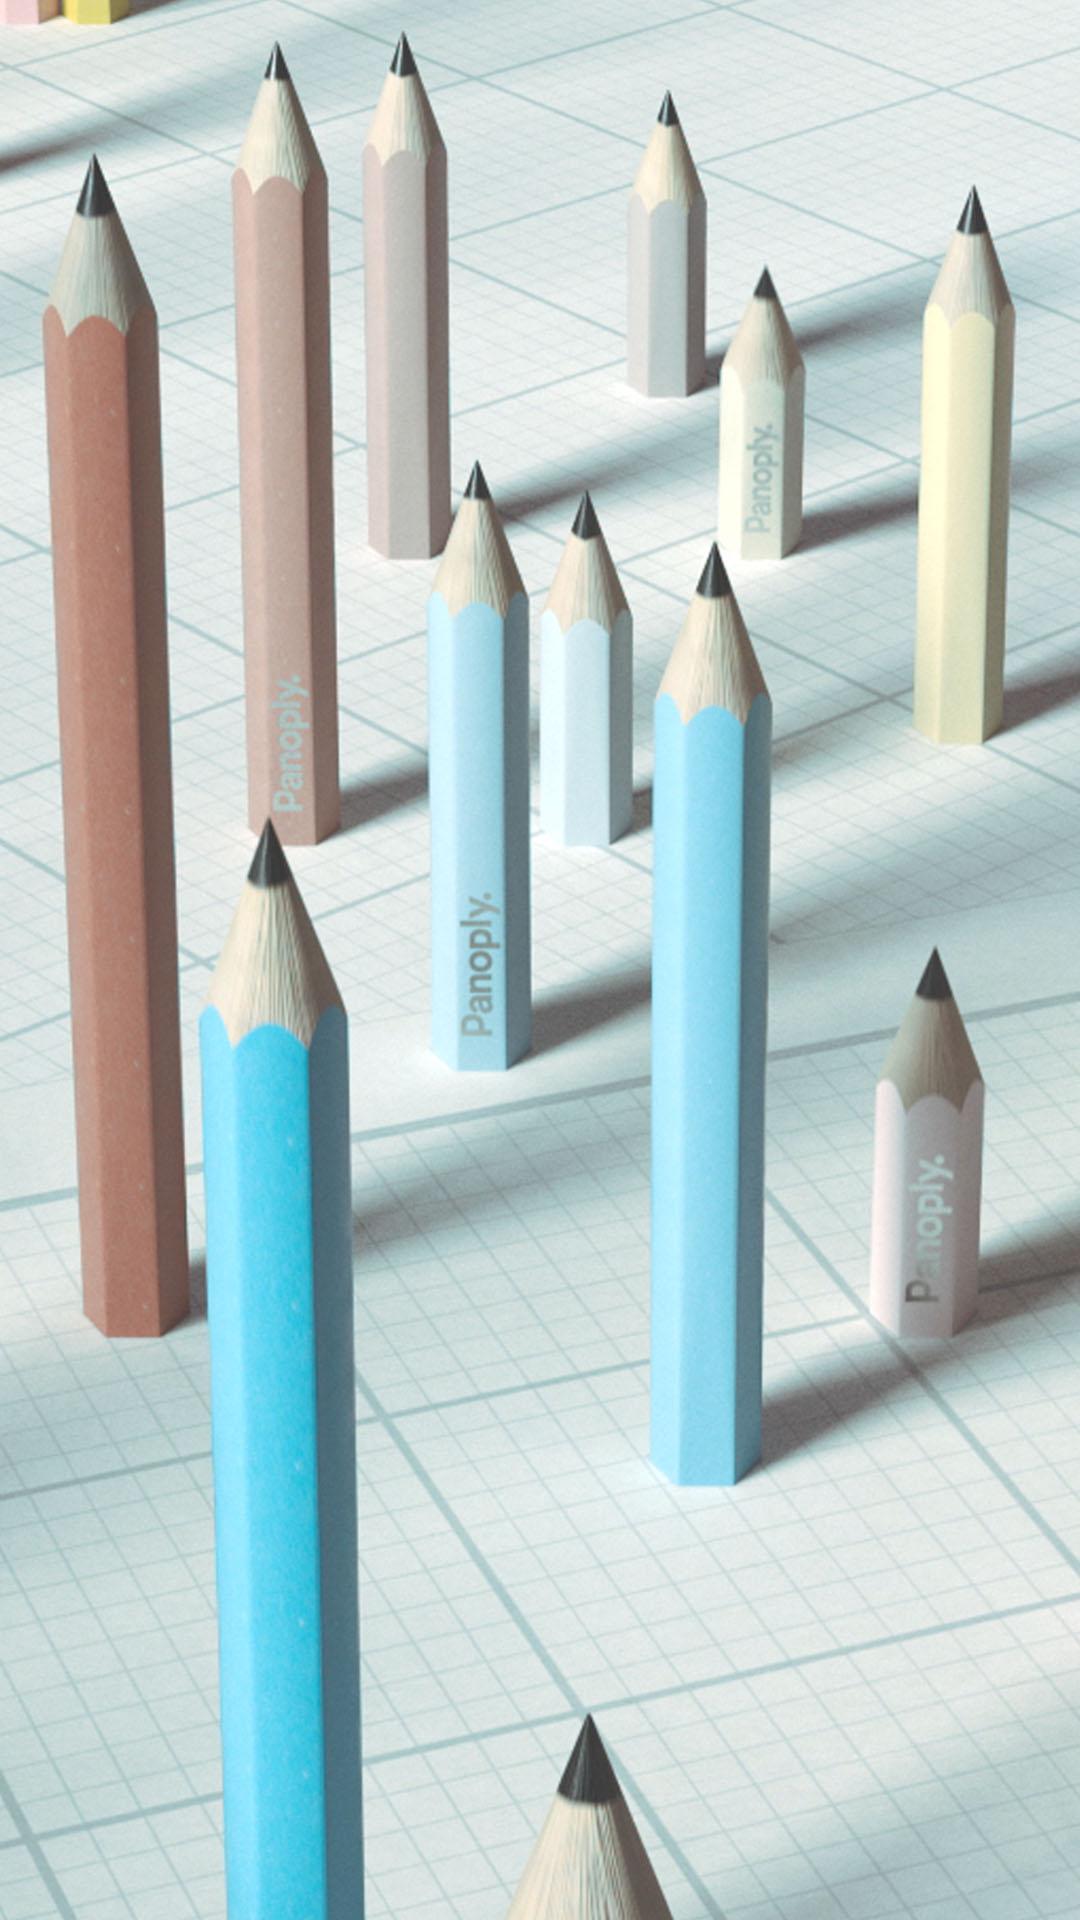 CURI_Pencils_9x16_v2